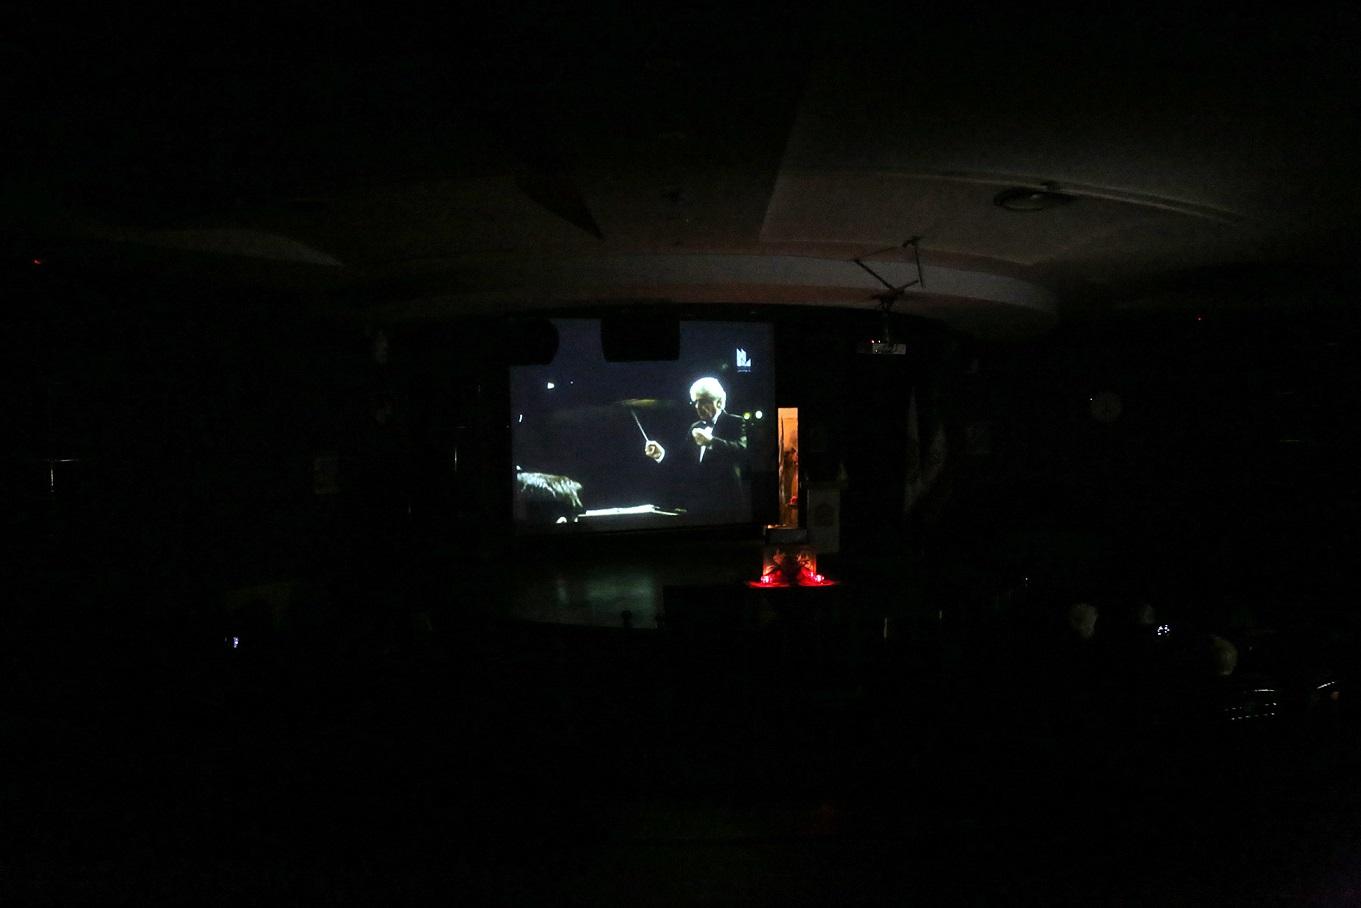 پخش مستند کنون رزم سهراب و رستم شنو در آیین سپاس اپرای رستم و سهراب لوریس چکناوریان